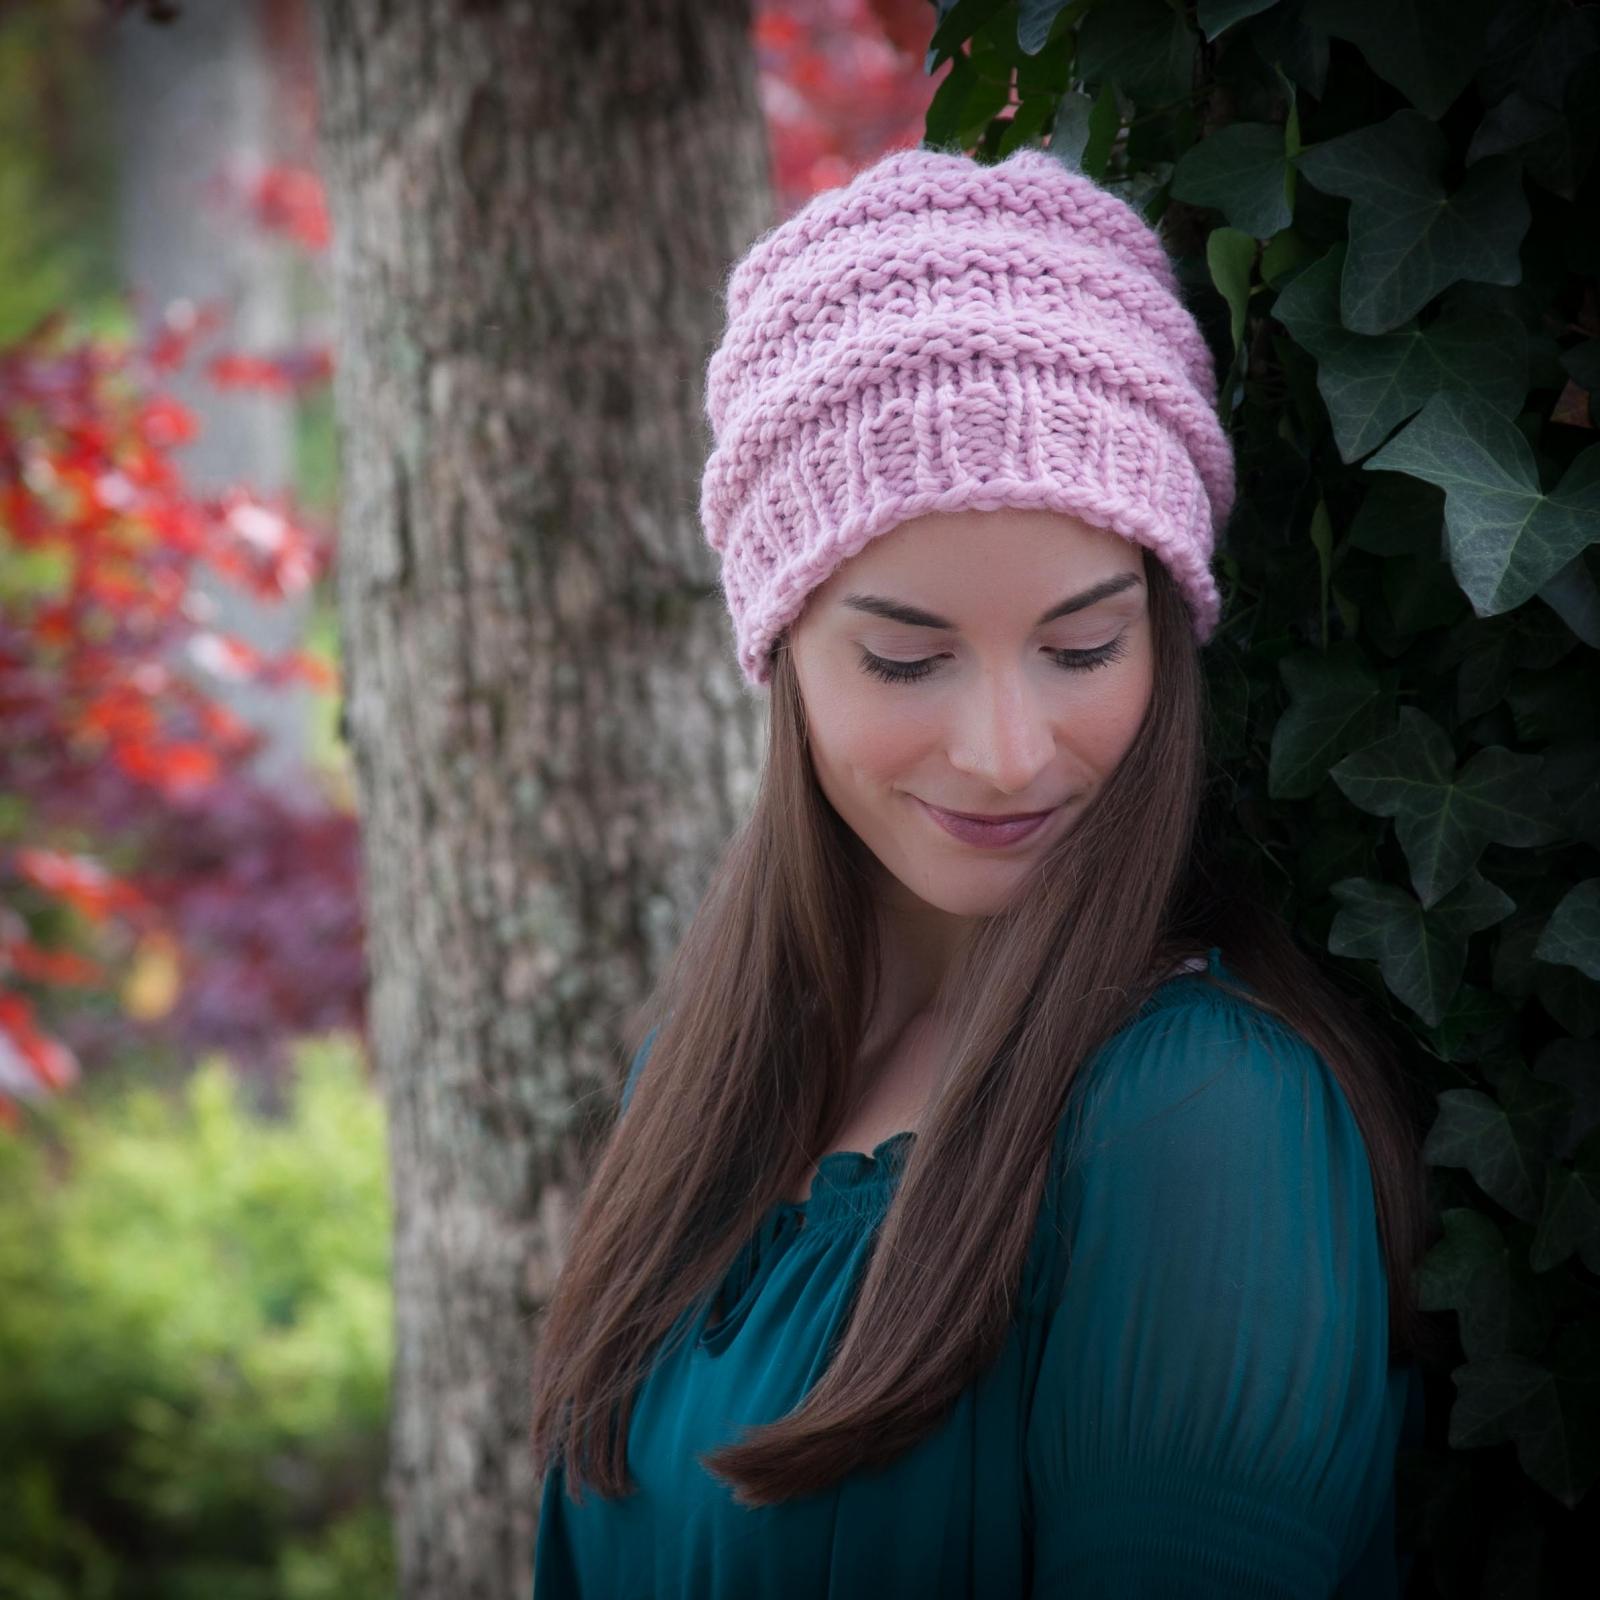 Loom knit hat pattern slouch hat beanie textured bulky chunky loom knit hat pattern slouch hat beanie textured bulky chunky knit bankloansurffo Gallery